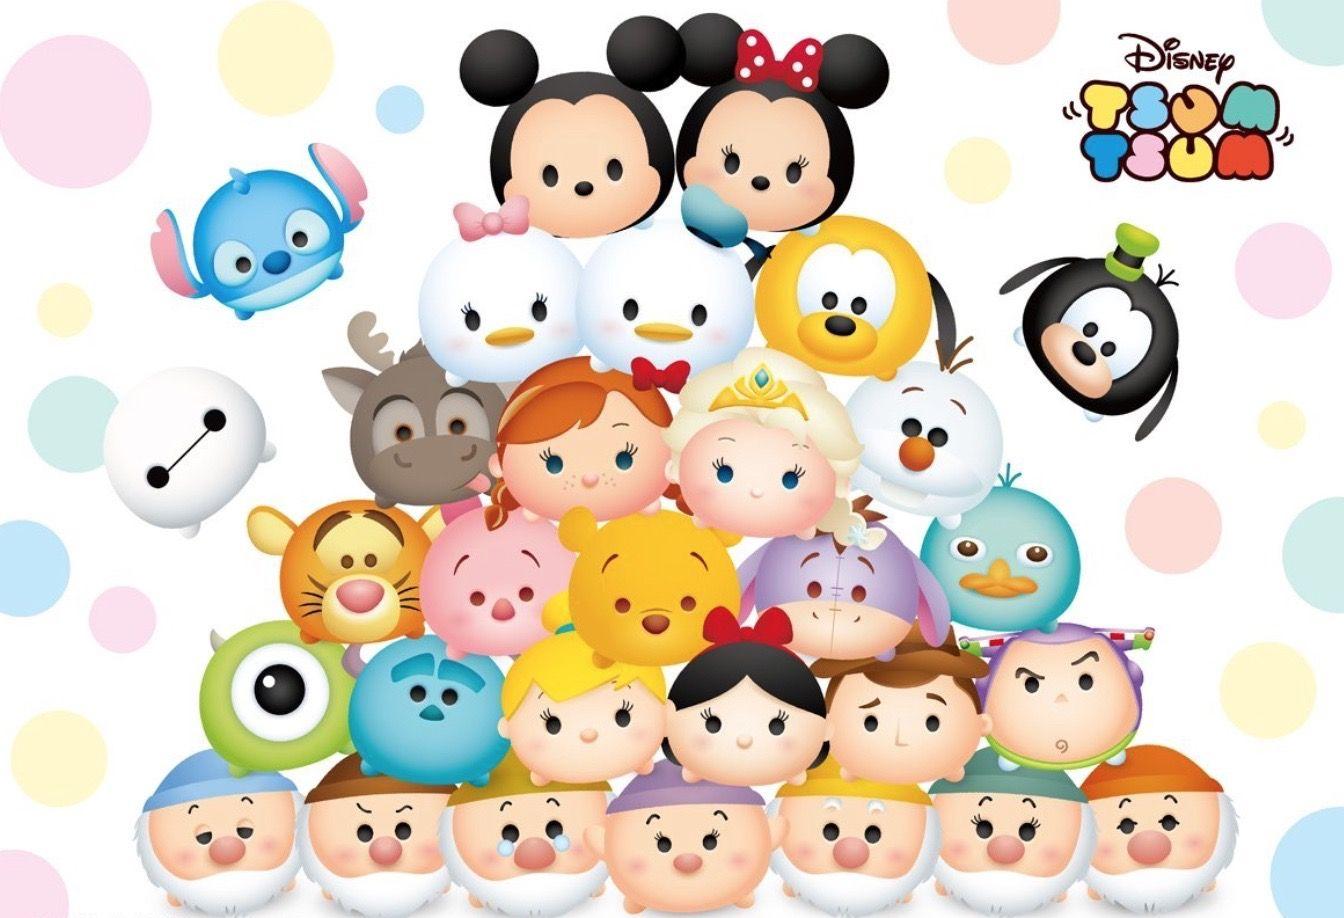 Tsum Tsum Collection Tsum Tsum Wallpaper Disney Tsum Tsum Tsum Tsum Party